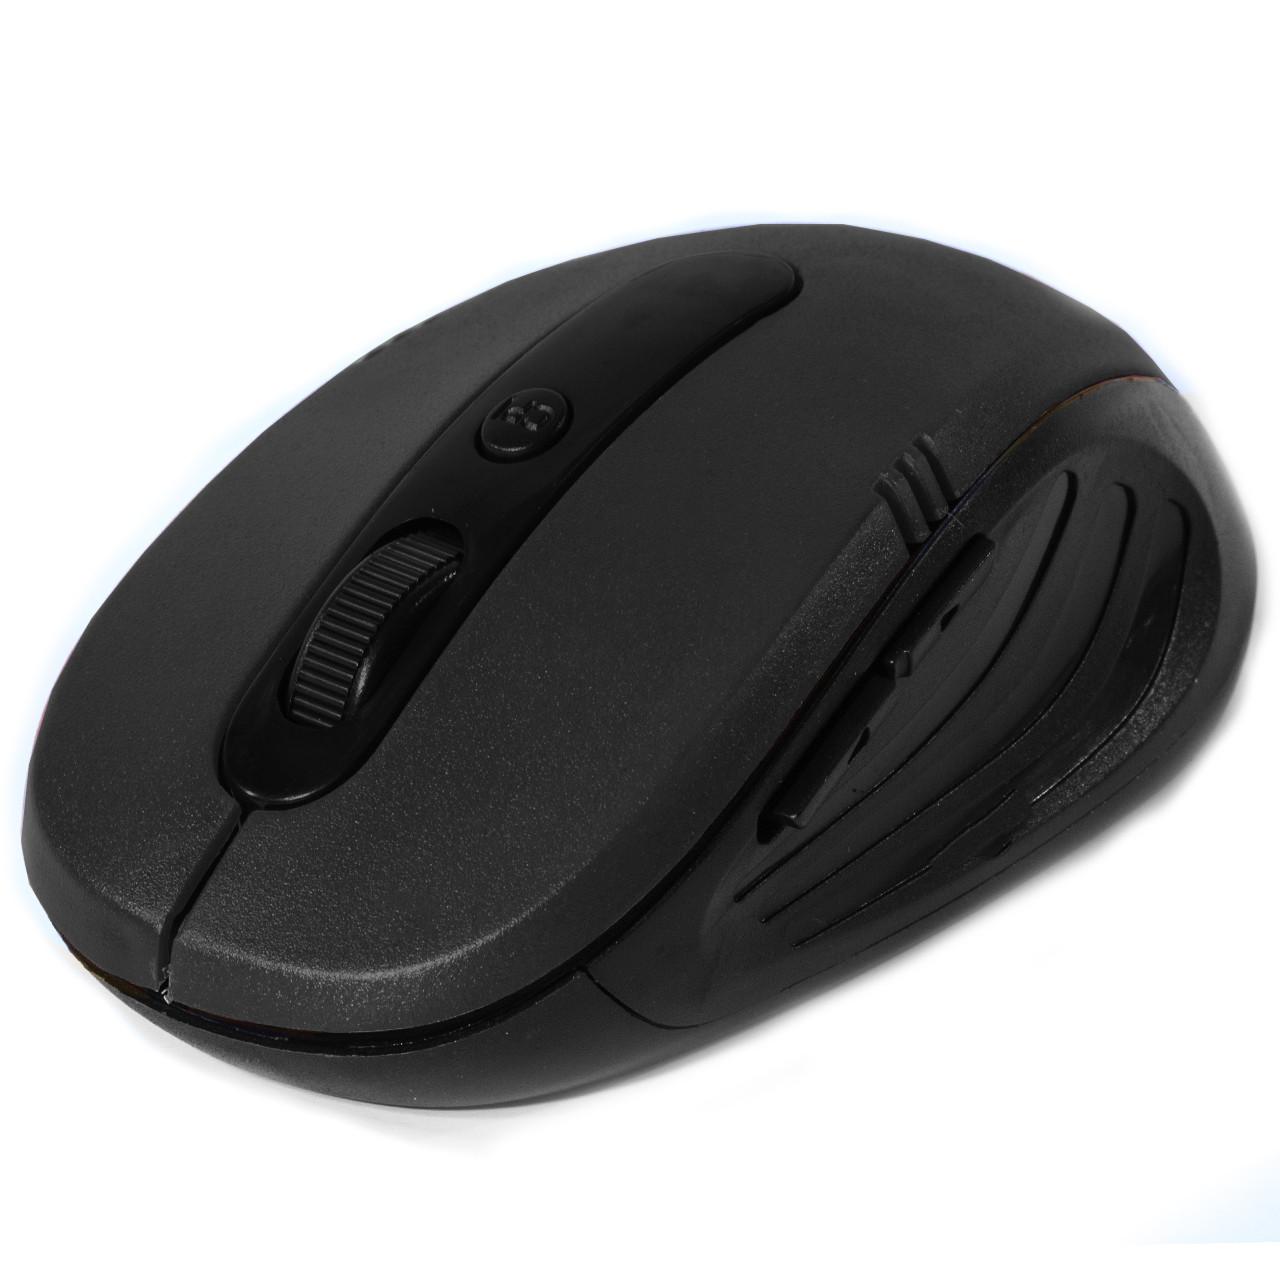 Игровая мышь Rapoo 7100 Black USB 1600 dpi беспроводная